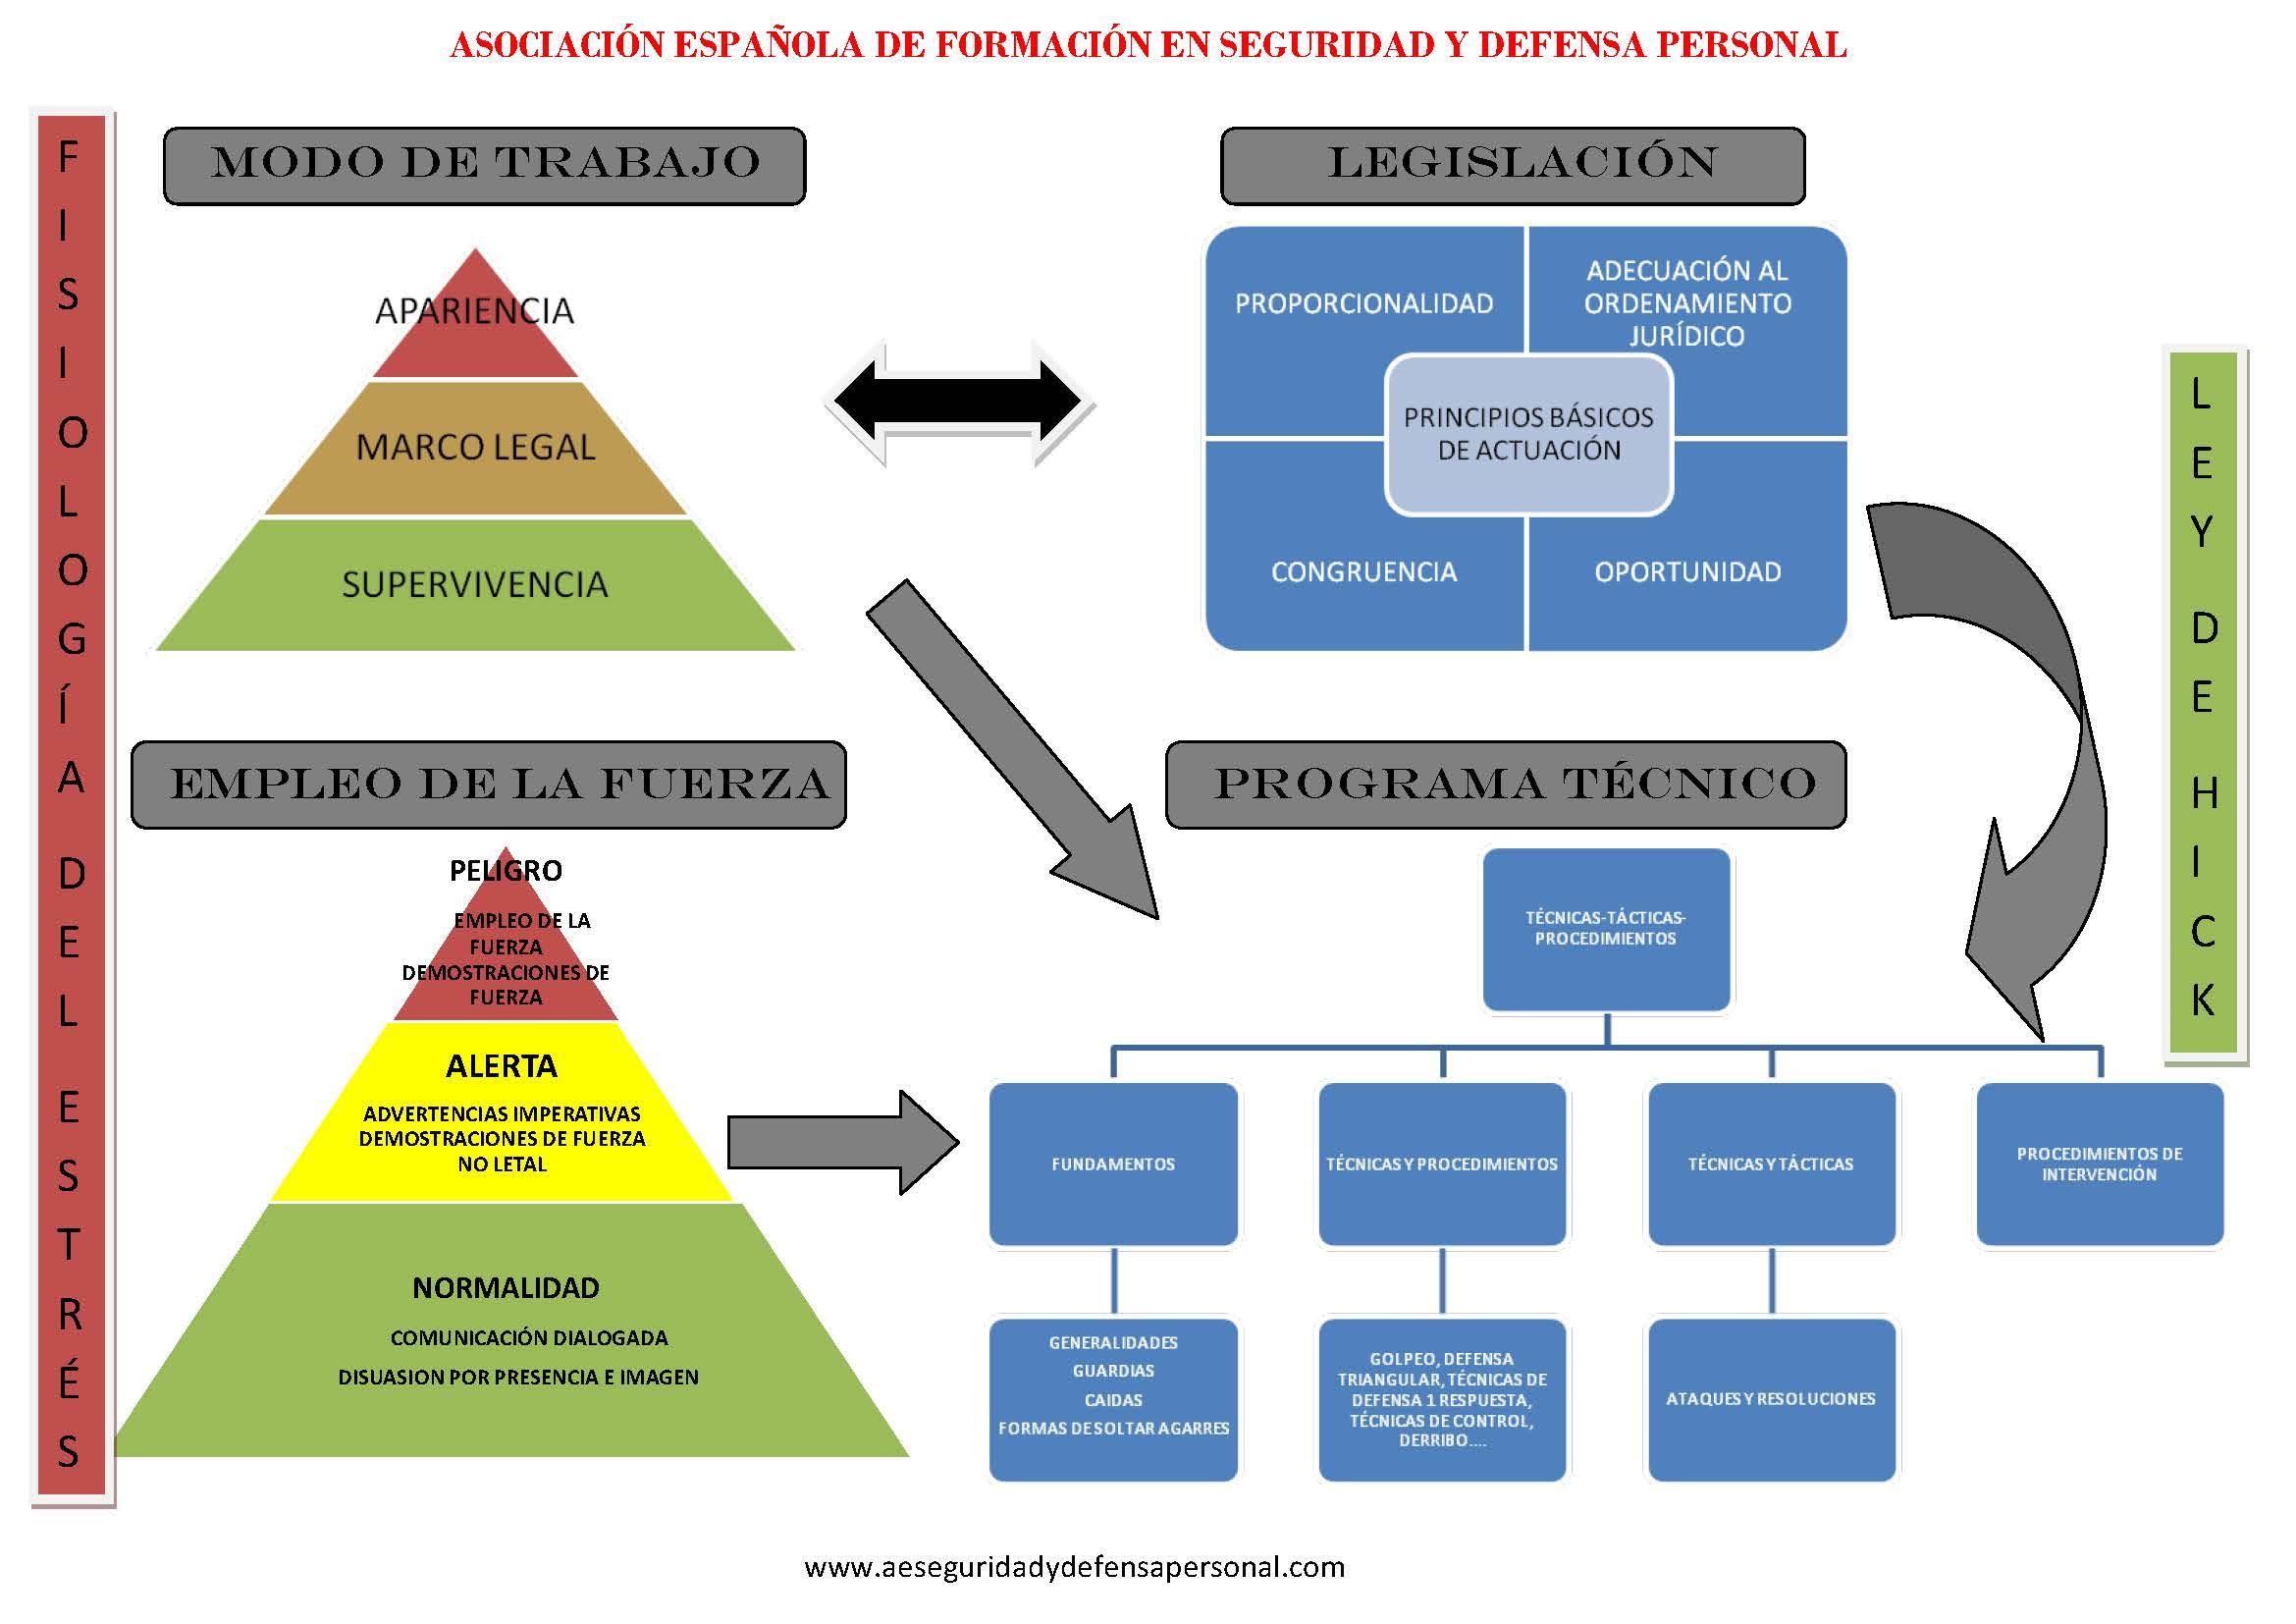 Seguridad y Defensa Personal, AEFSDP.